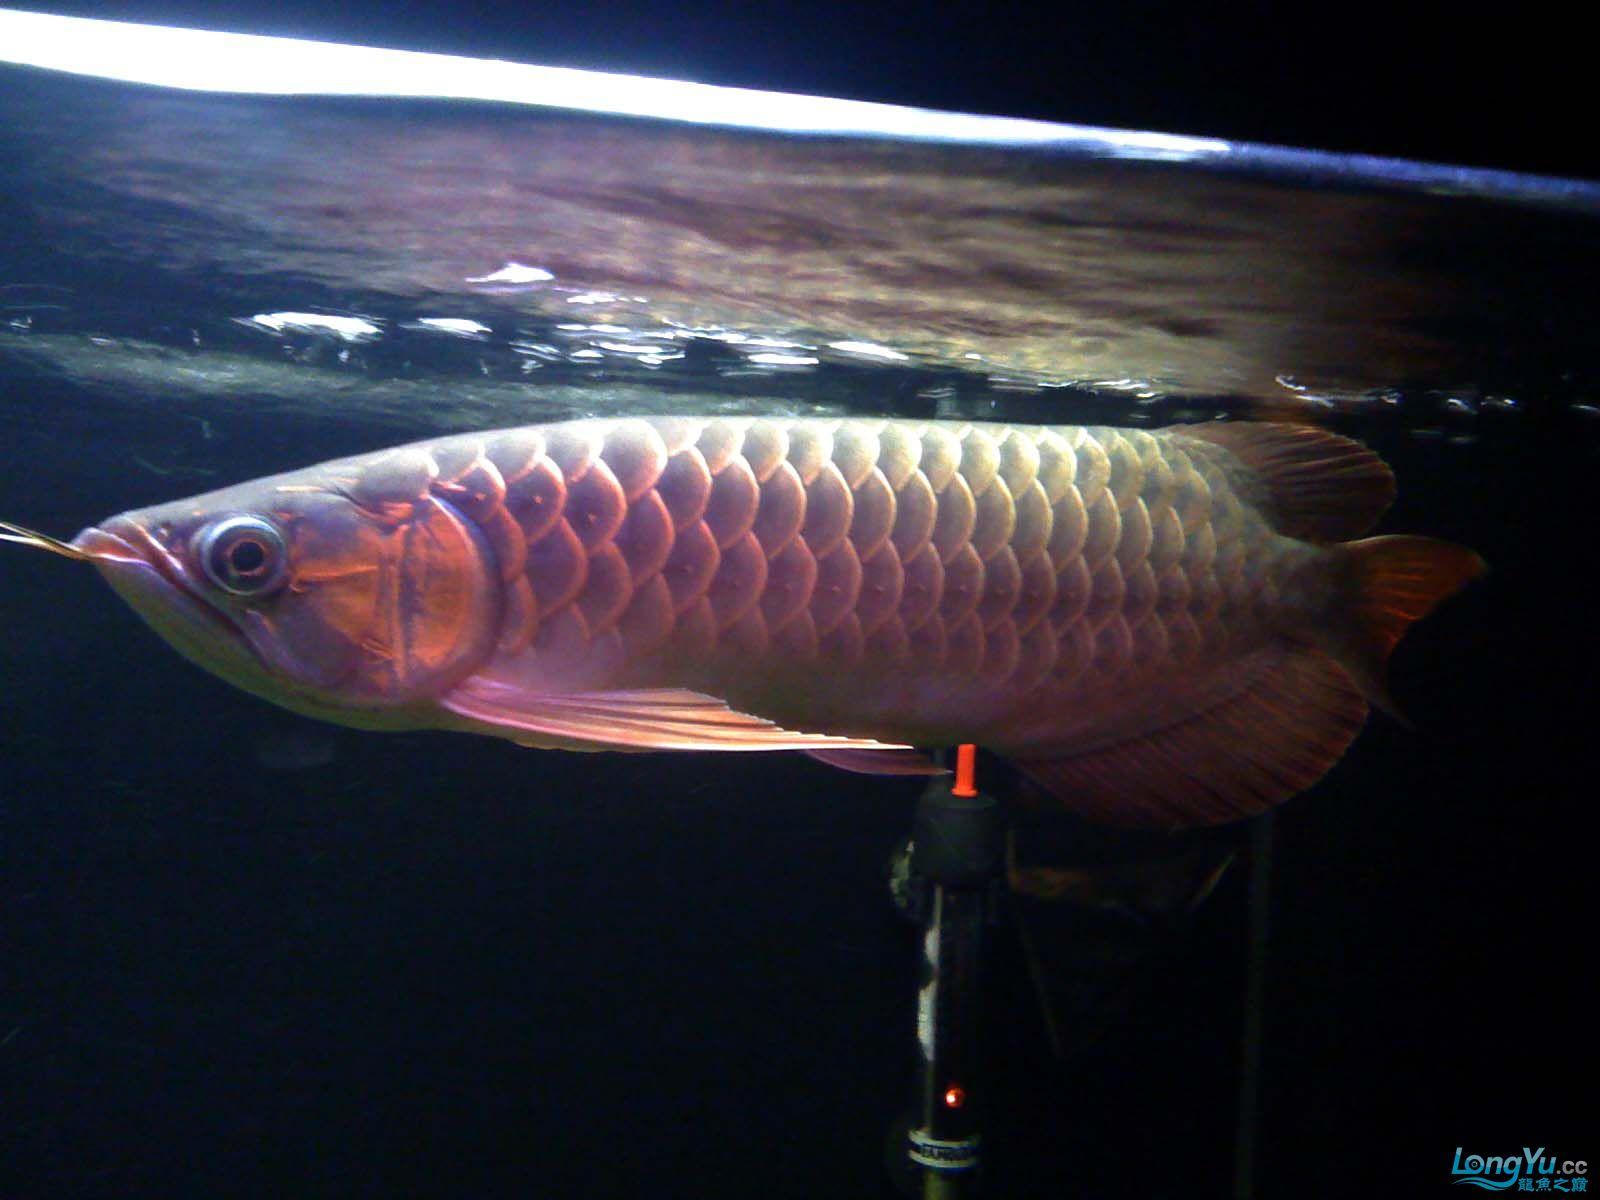 我【西安北郊鱼缸批发市场】的龙缸! 西安观赏鱼信息 西安博特第2张